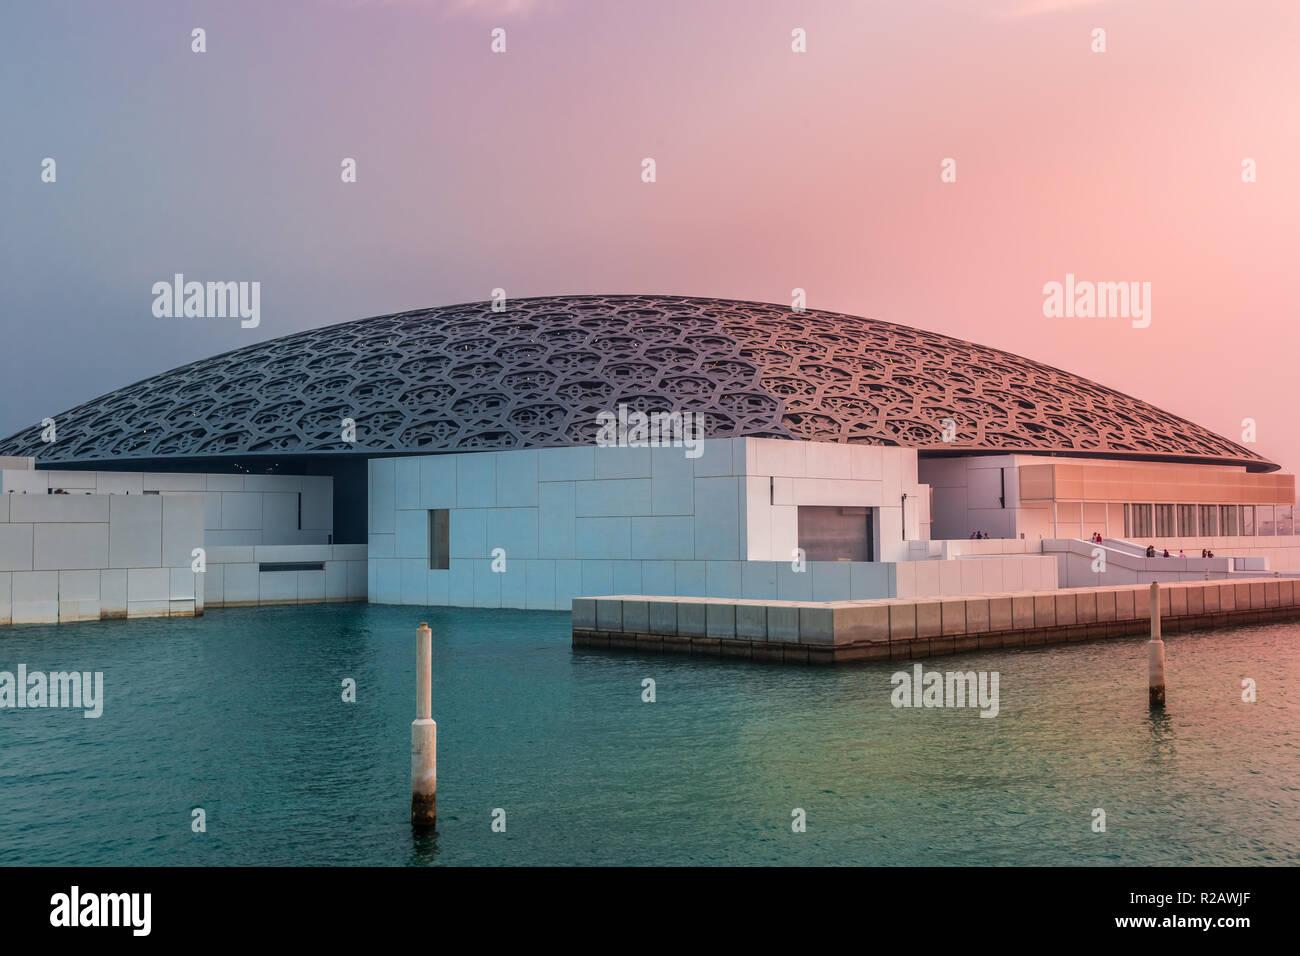 Abu Dhabi, Emiratos Árabes Unidos, Octubre 7, 2018: El Museo del Louvre Abu Dhabi en la luz del atardecer. Foto de stock